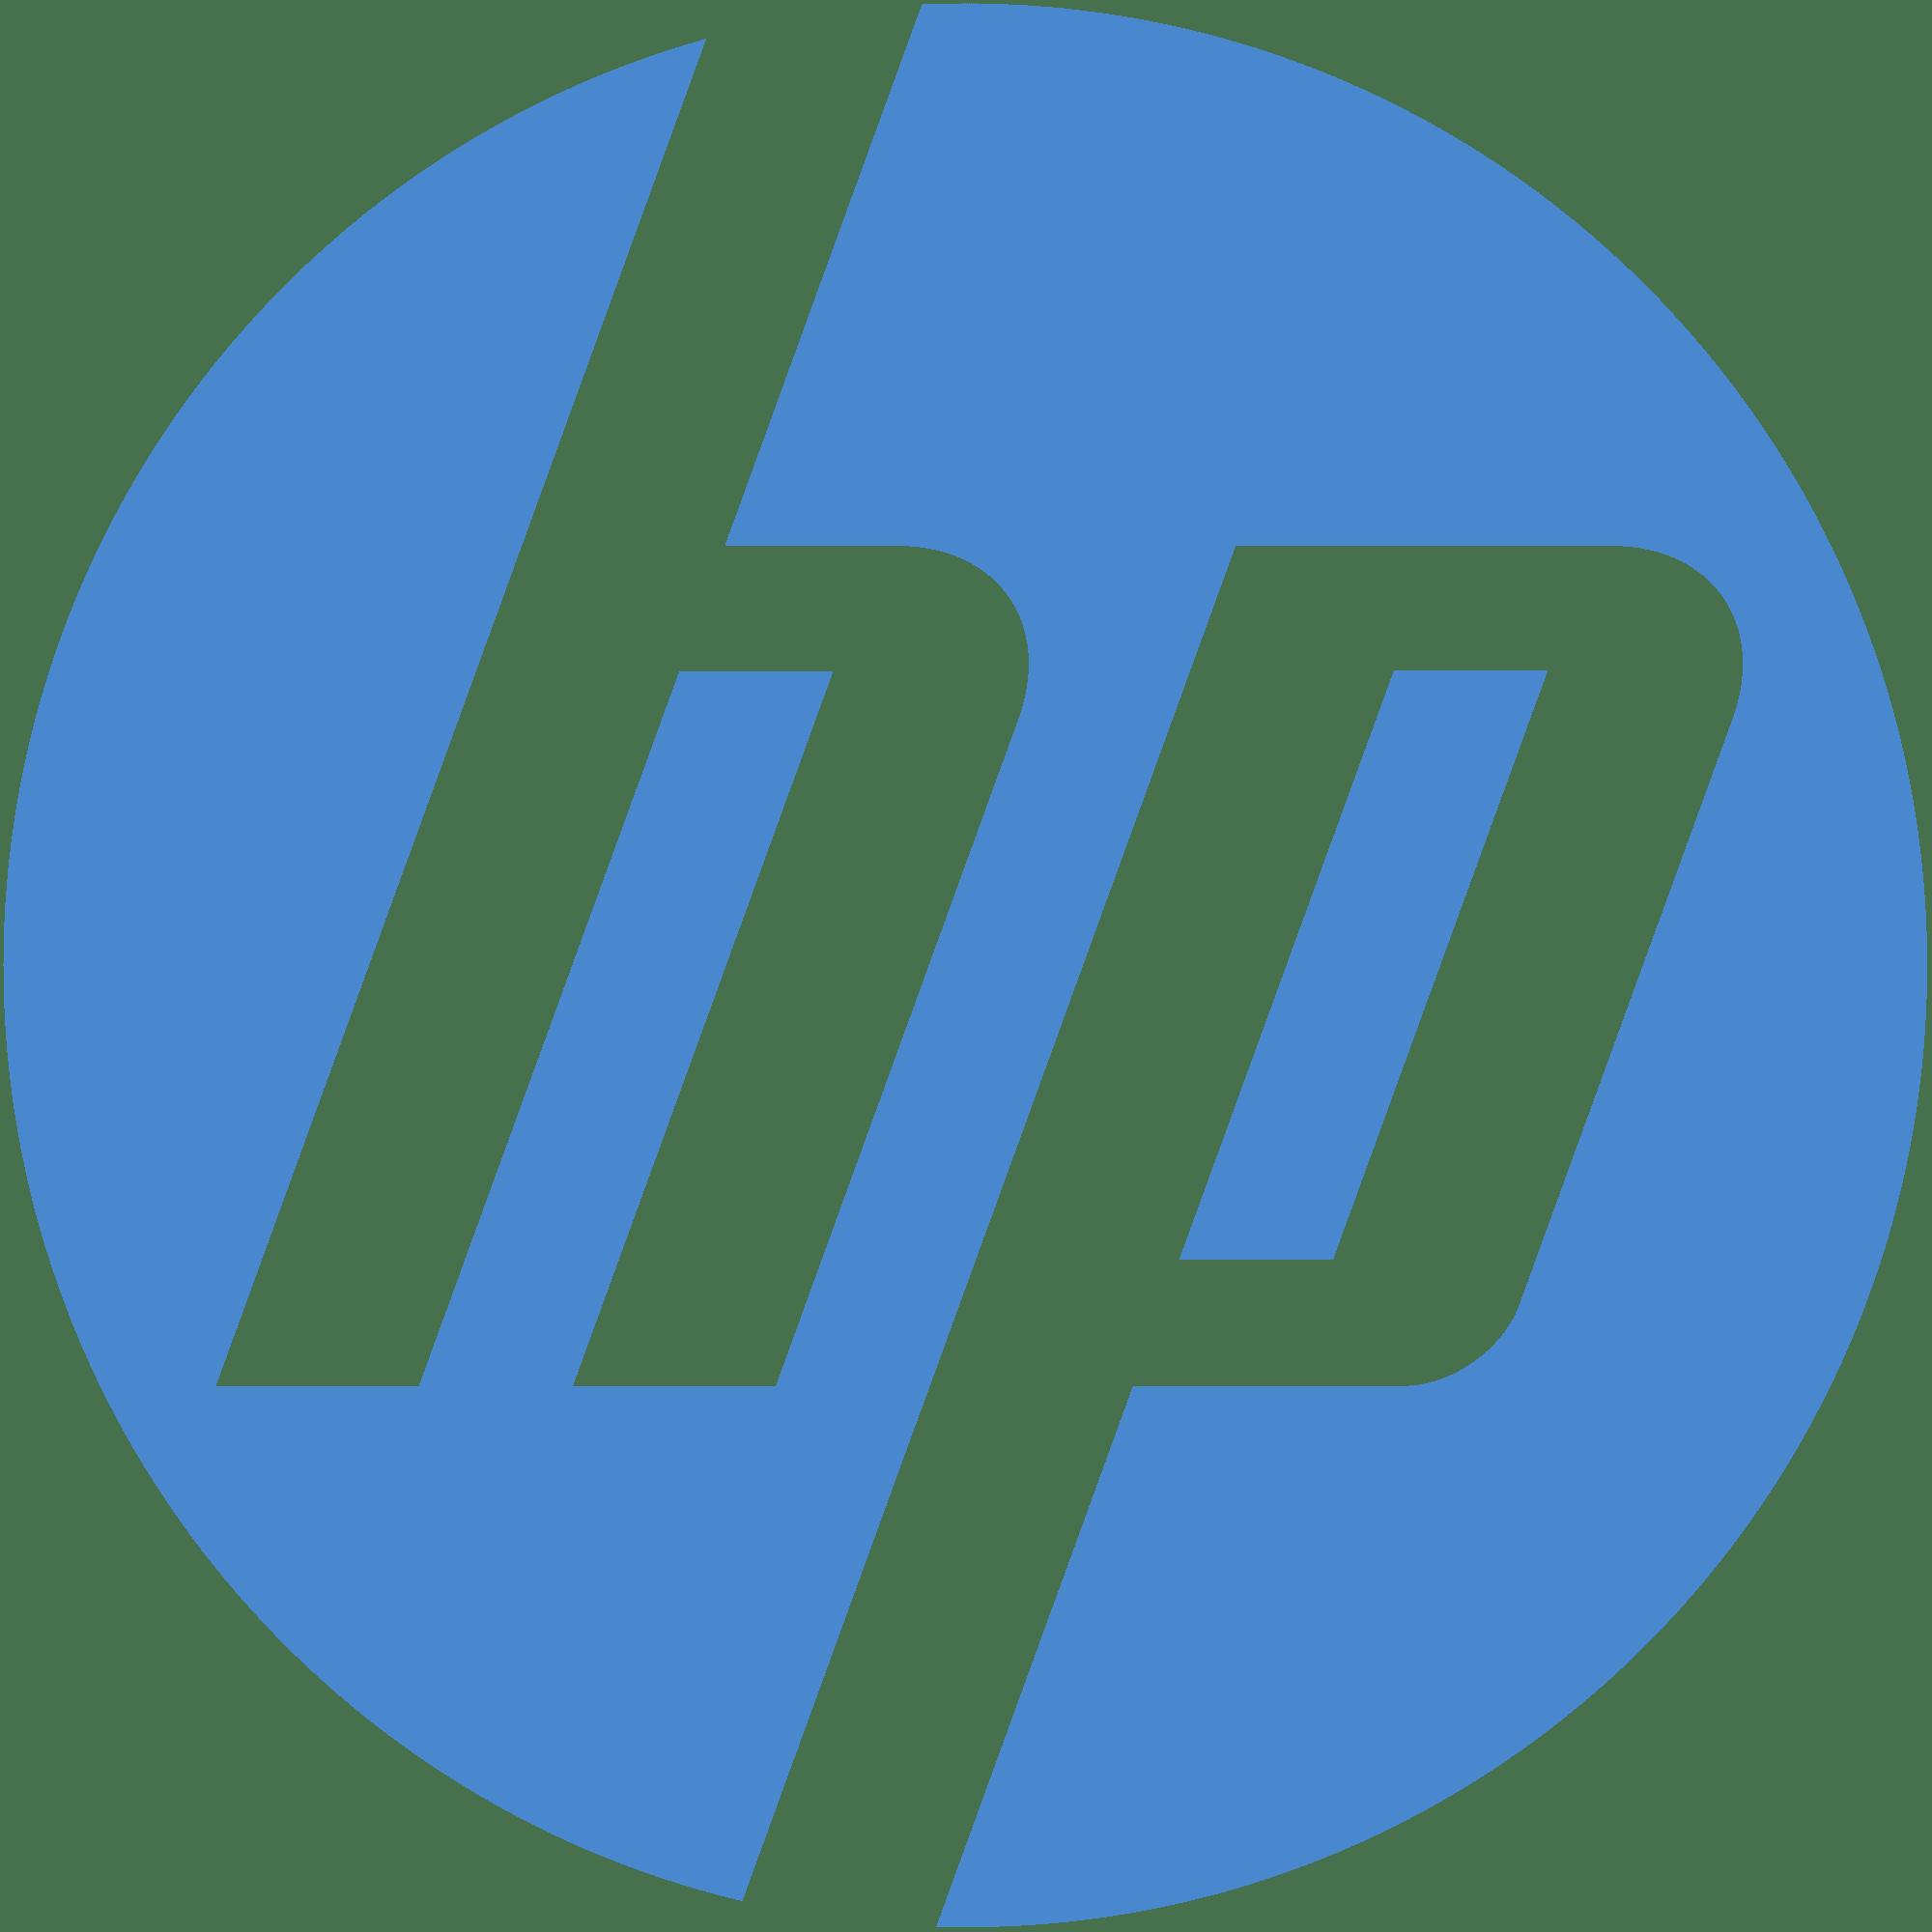 HP LaserJet M5035 Multifunction Printer series drivers